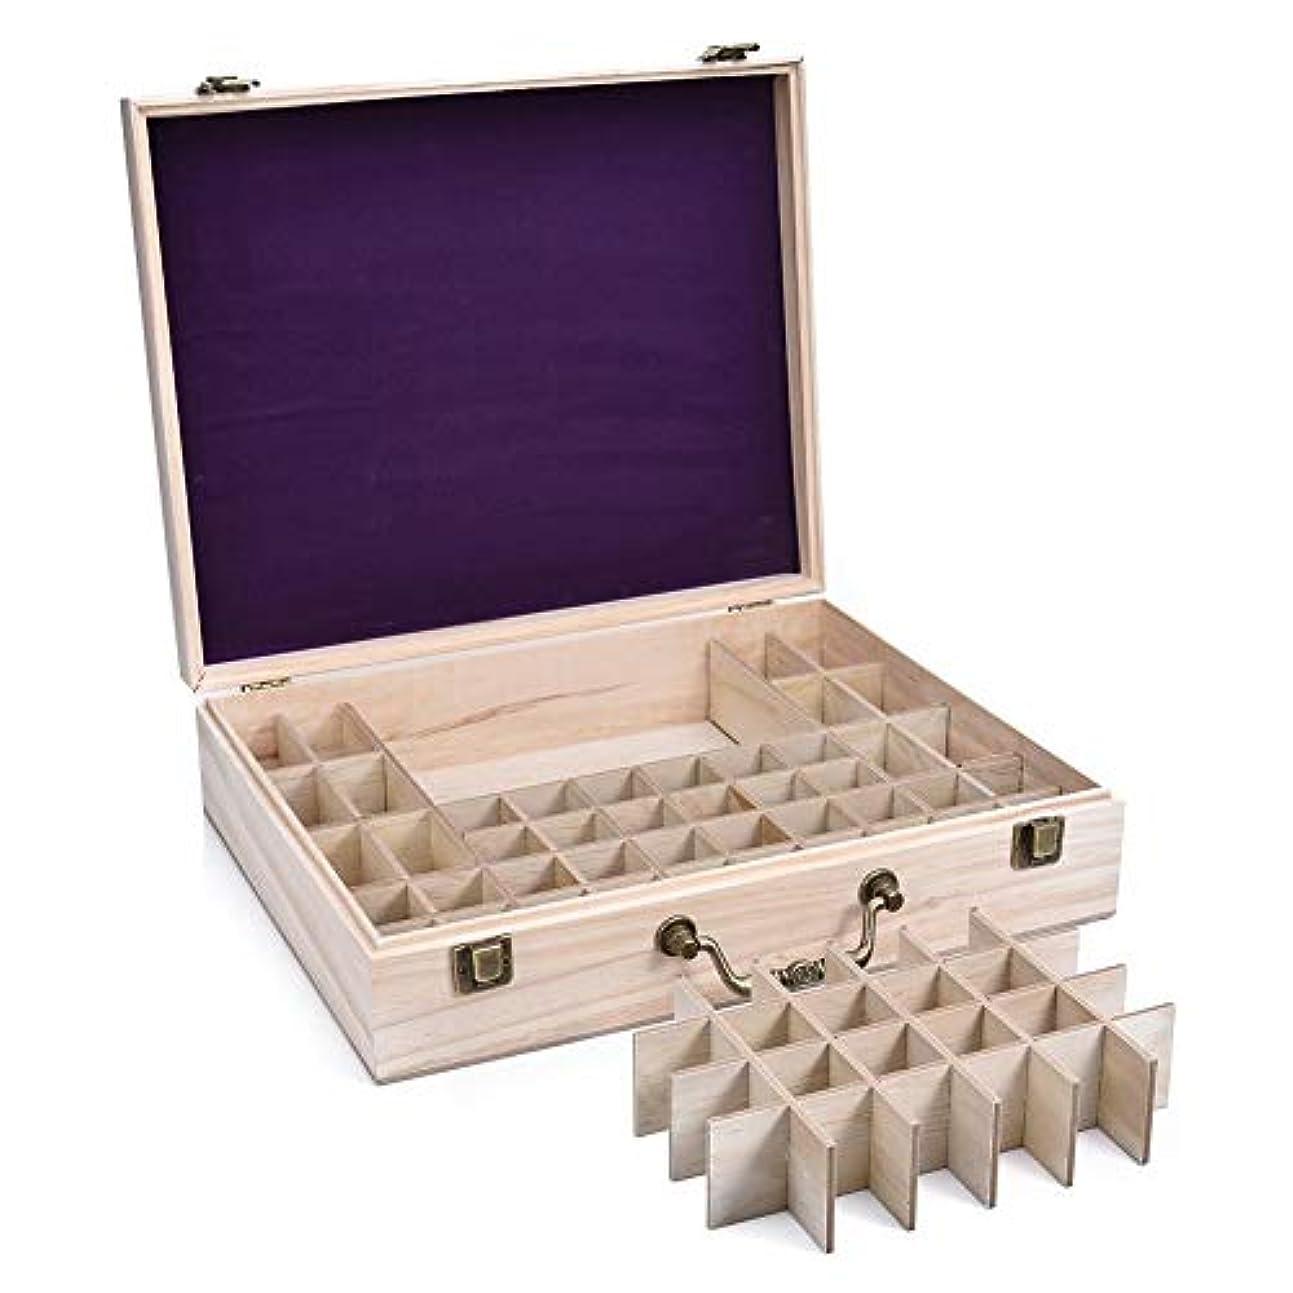 奇妙な感心するポークエッセンシャルオイル収納ケース 精油収納ボックス 大容量 68本収納可能 取り外し可能 木製 環境に優しい 5ml?10ml?15ml?115mlの精油ボルトに対応 junexi